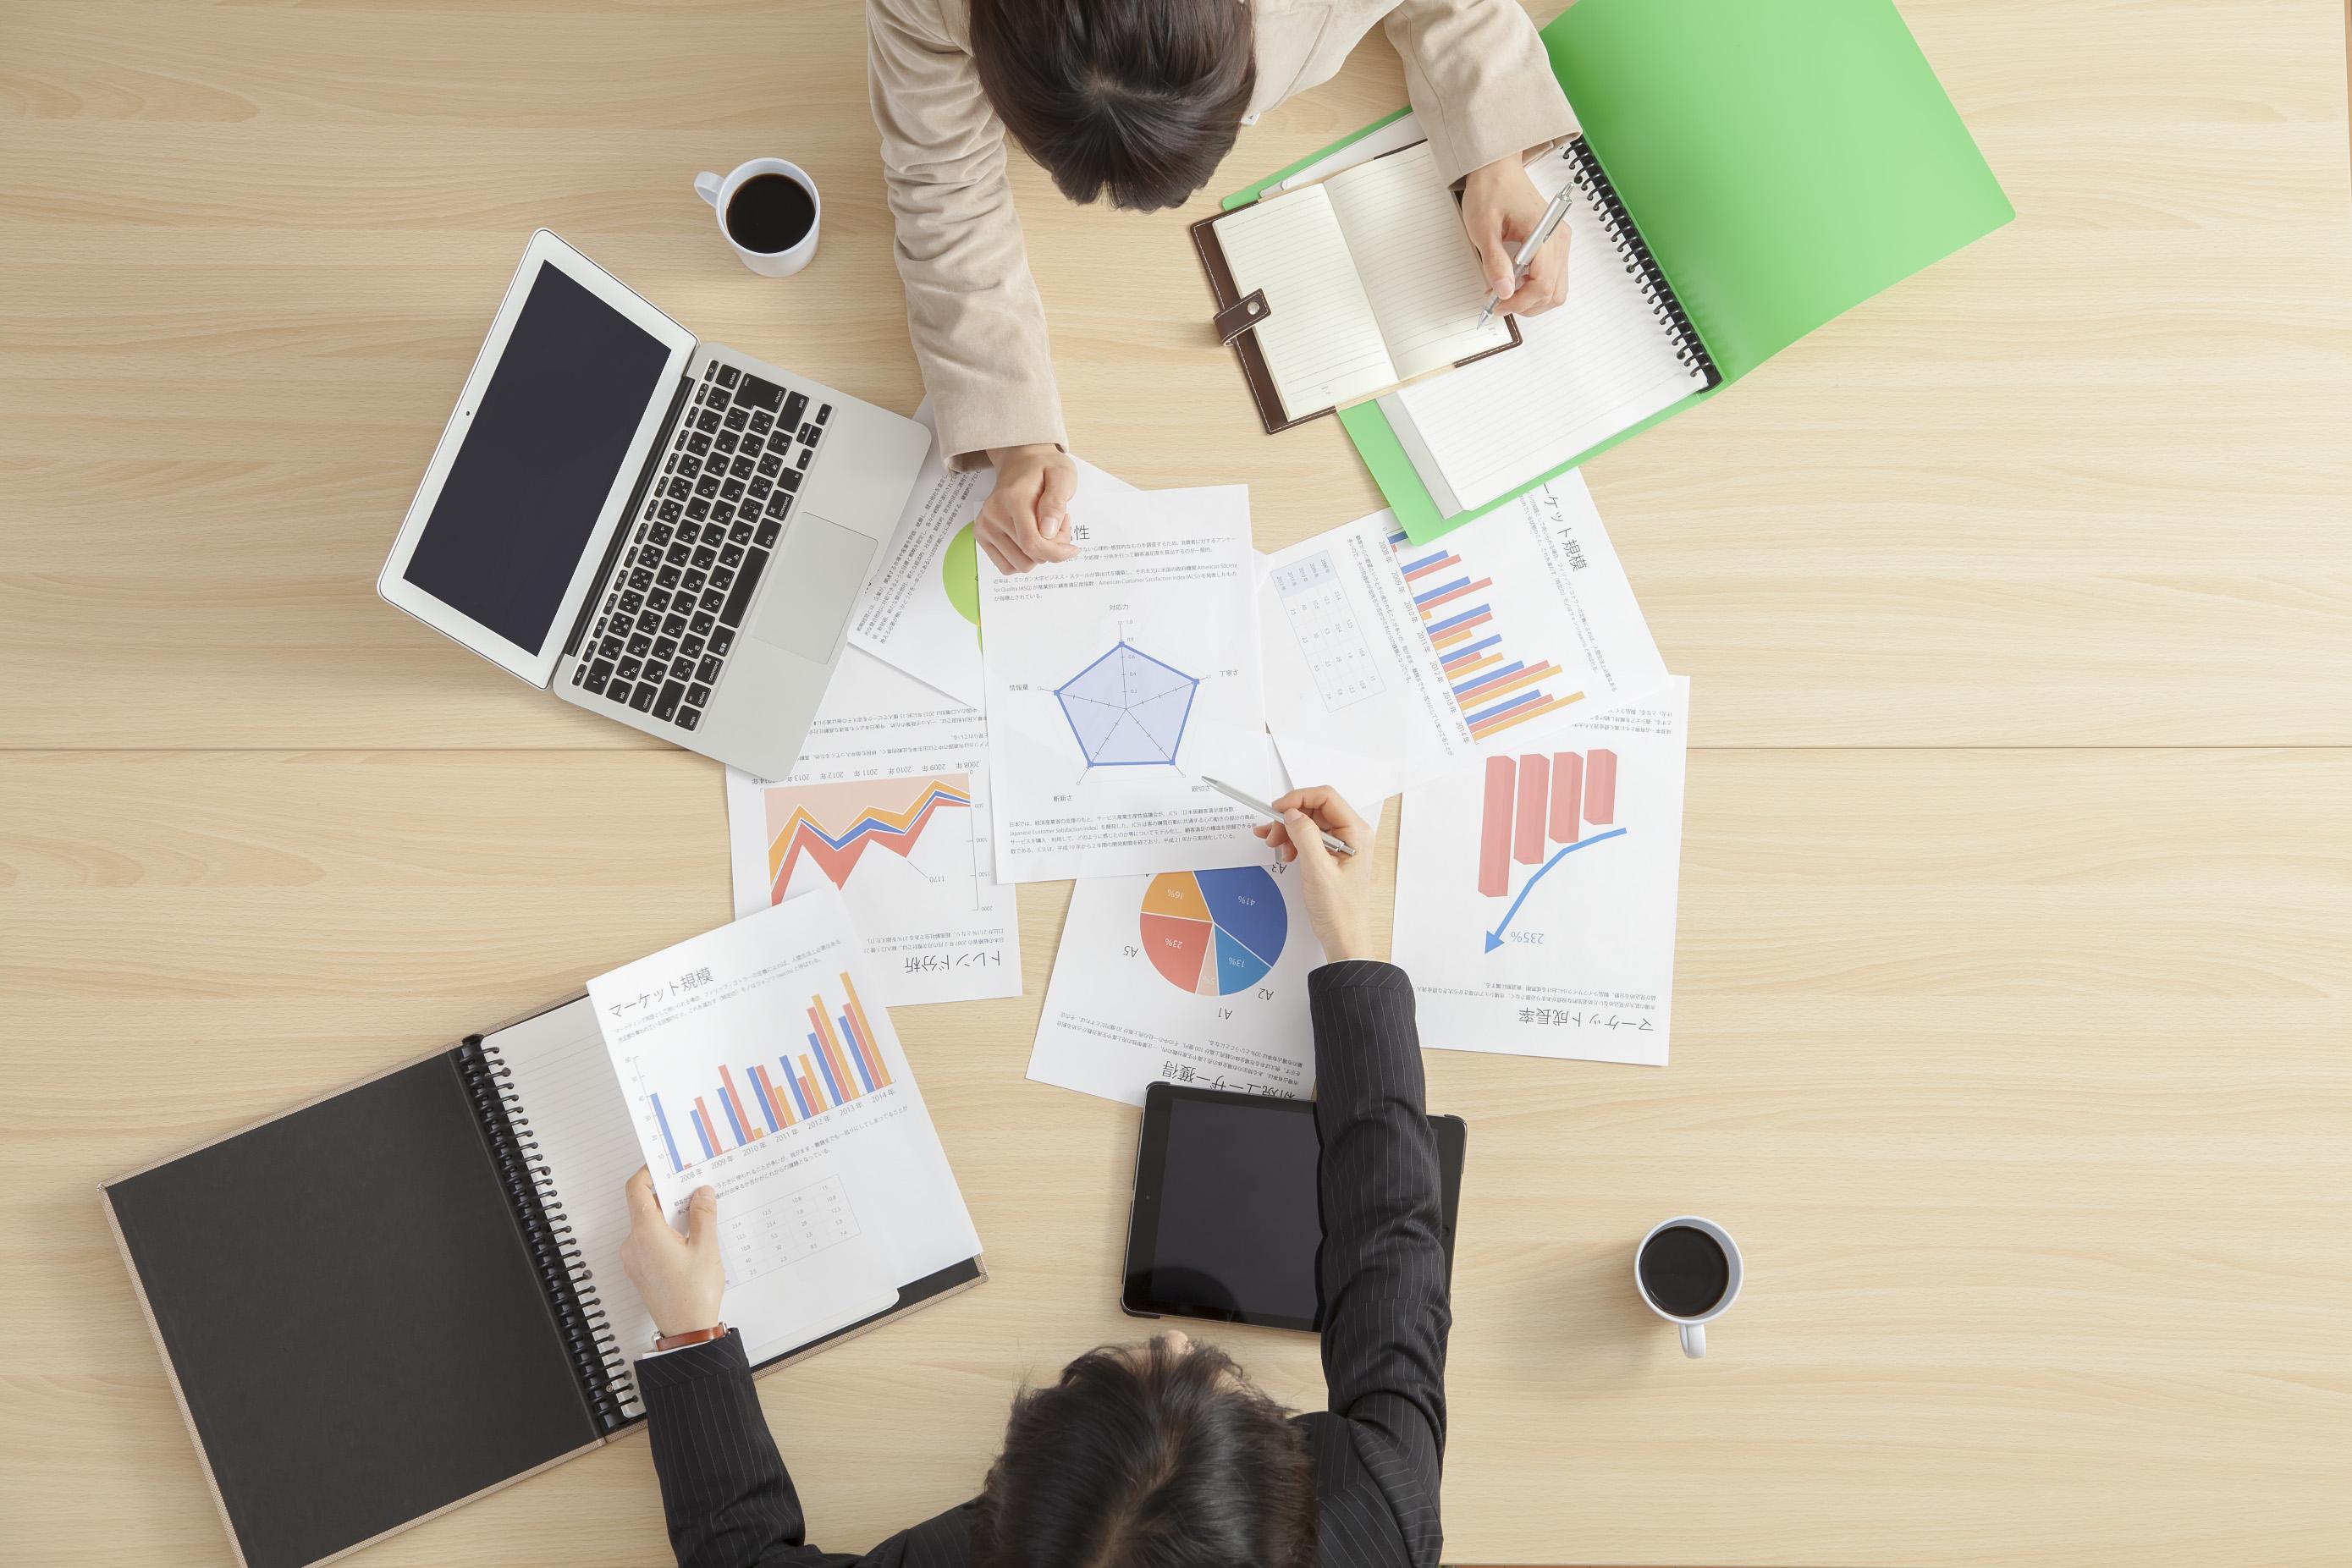 採用力をアップする面接講座 選考辞退の少ない会社が大切にしている採用のポイント【オンラインセミナー】